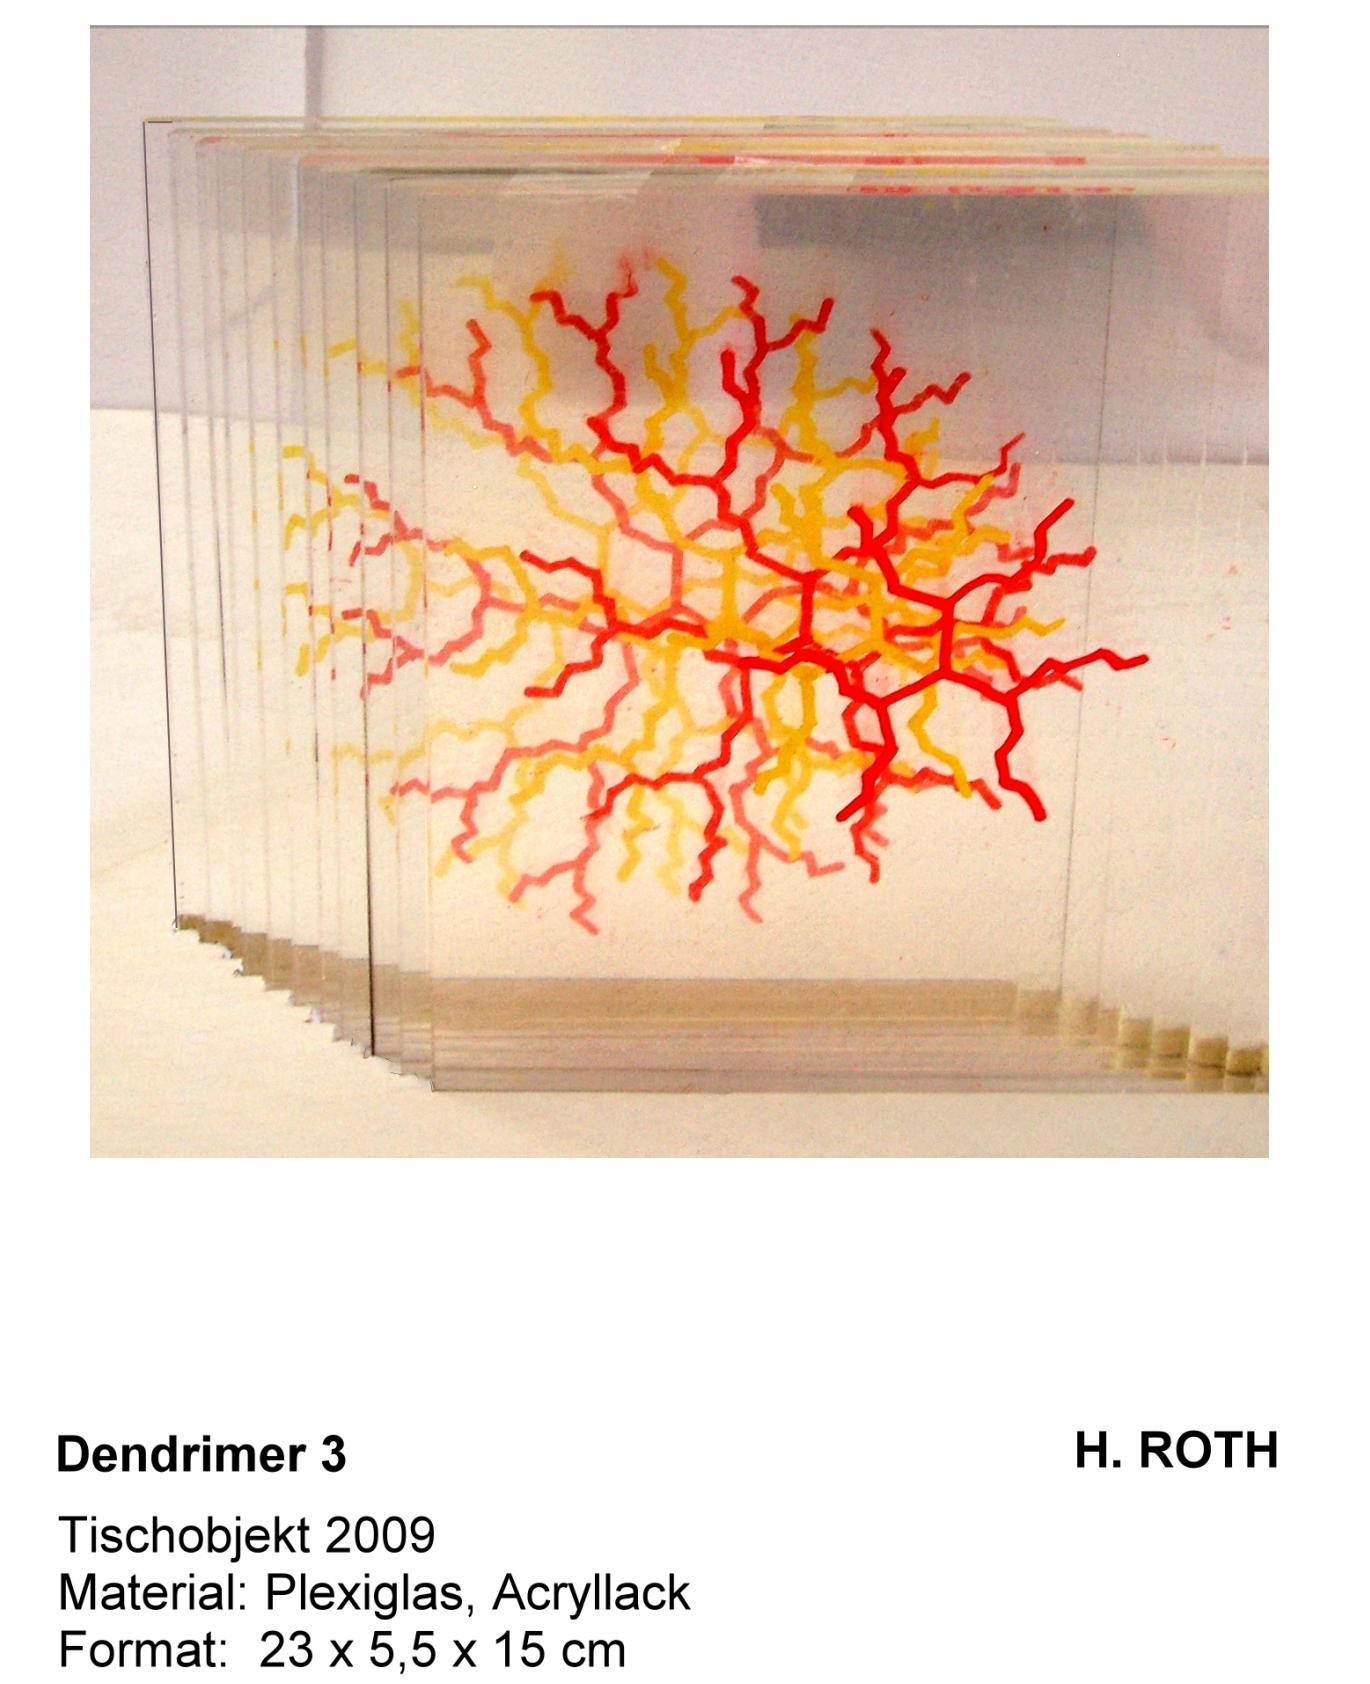 Dendrimer 3